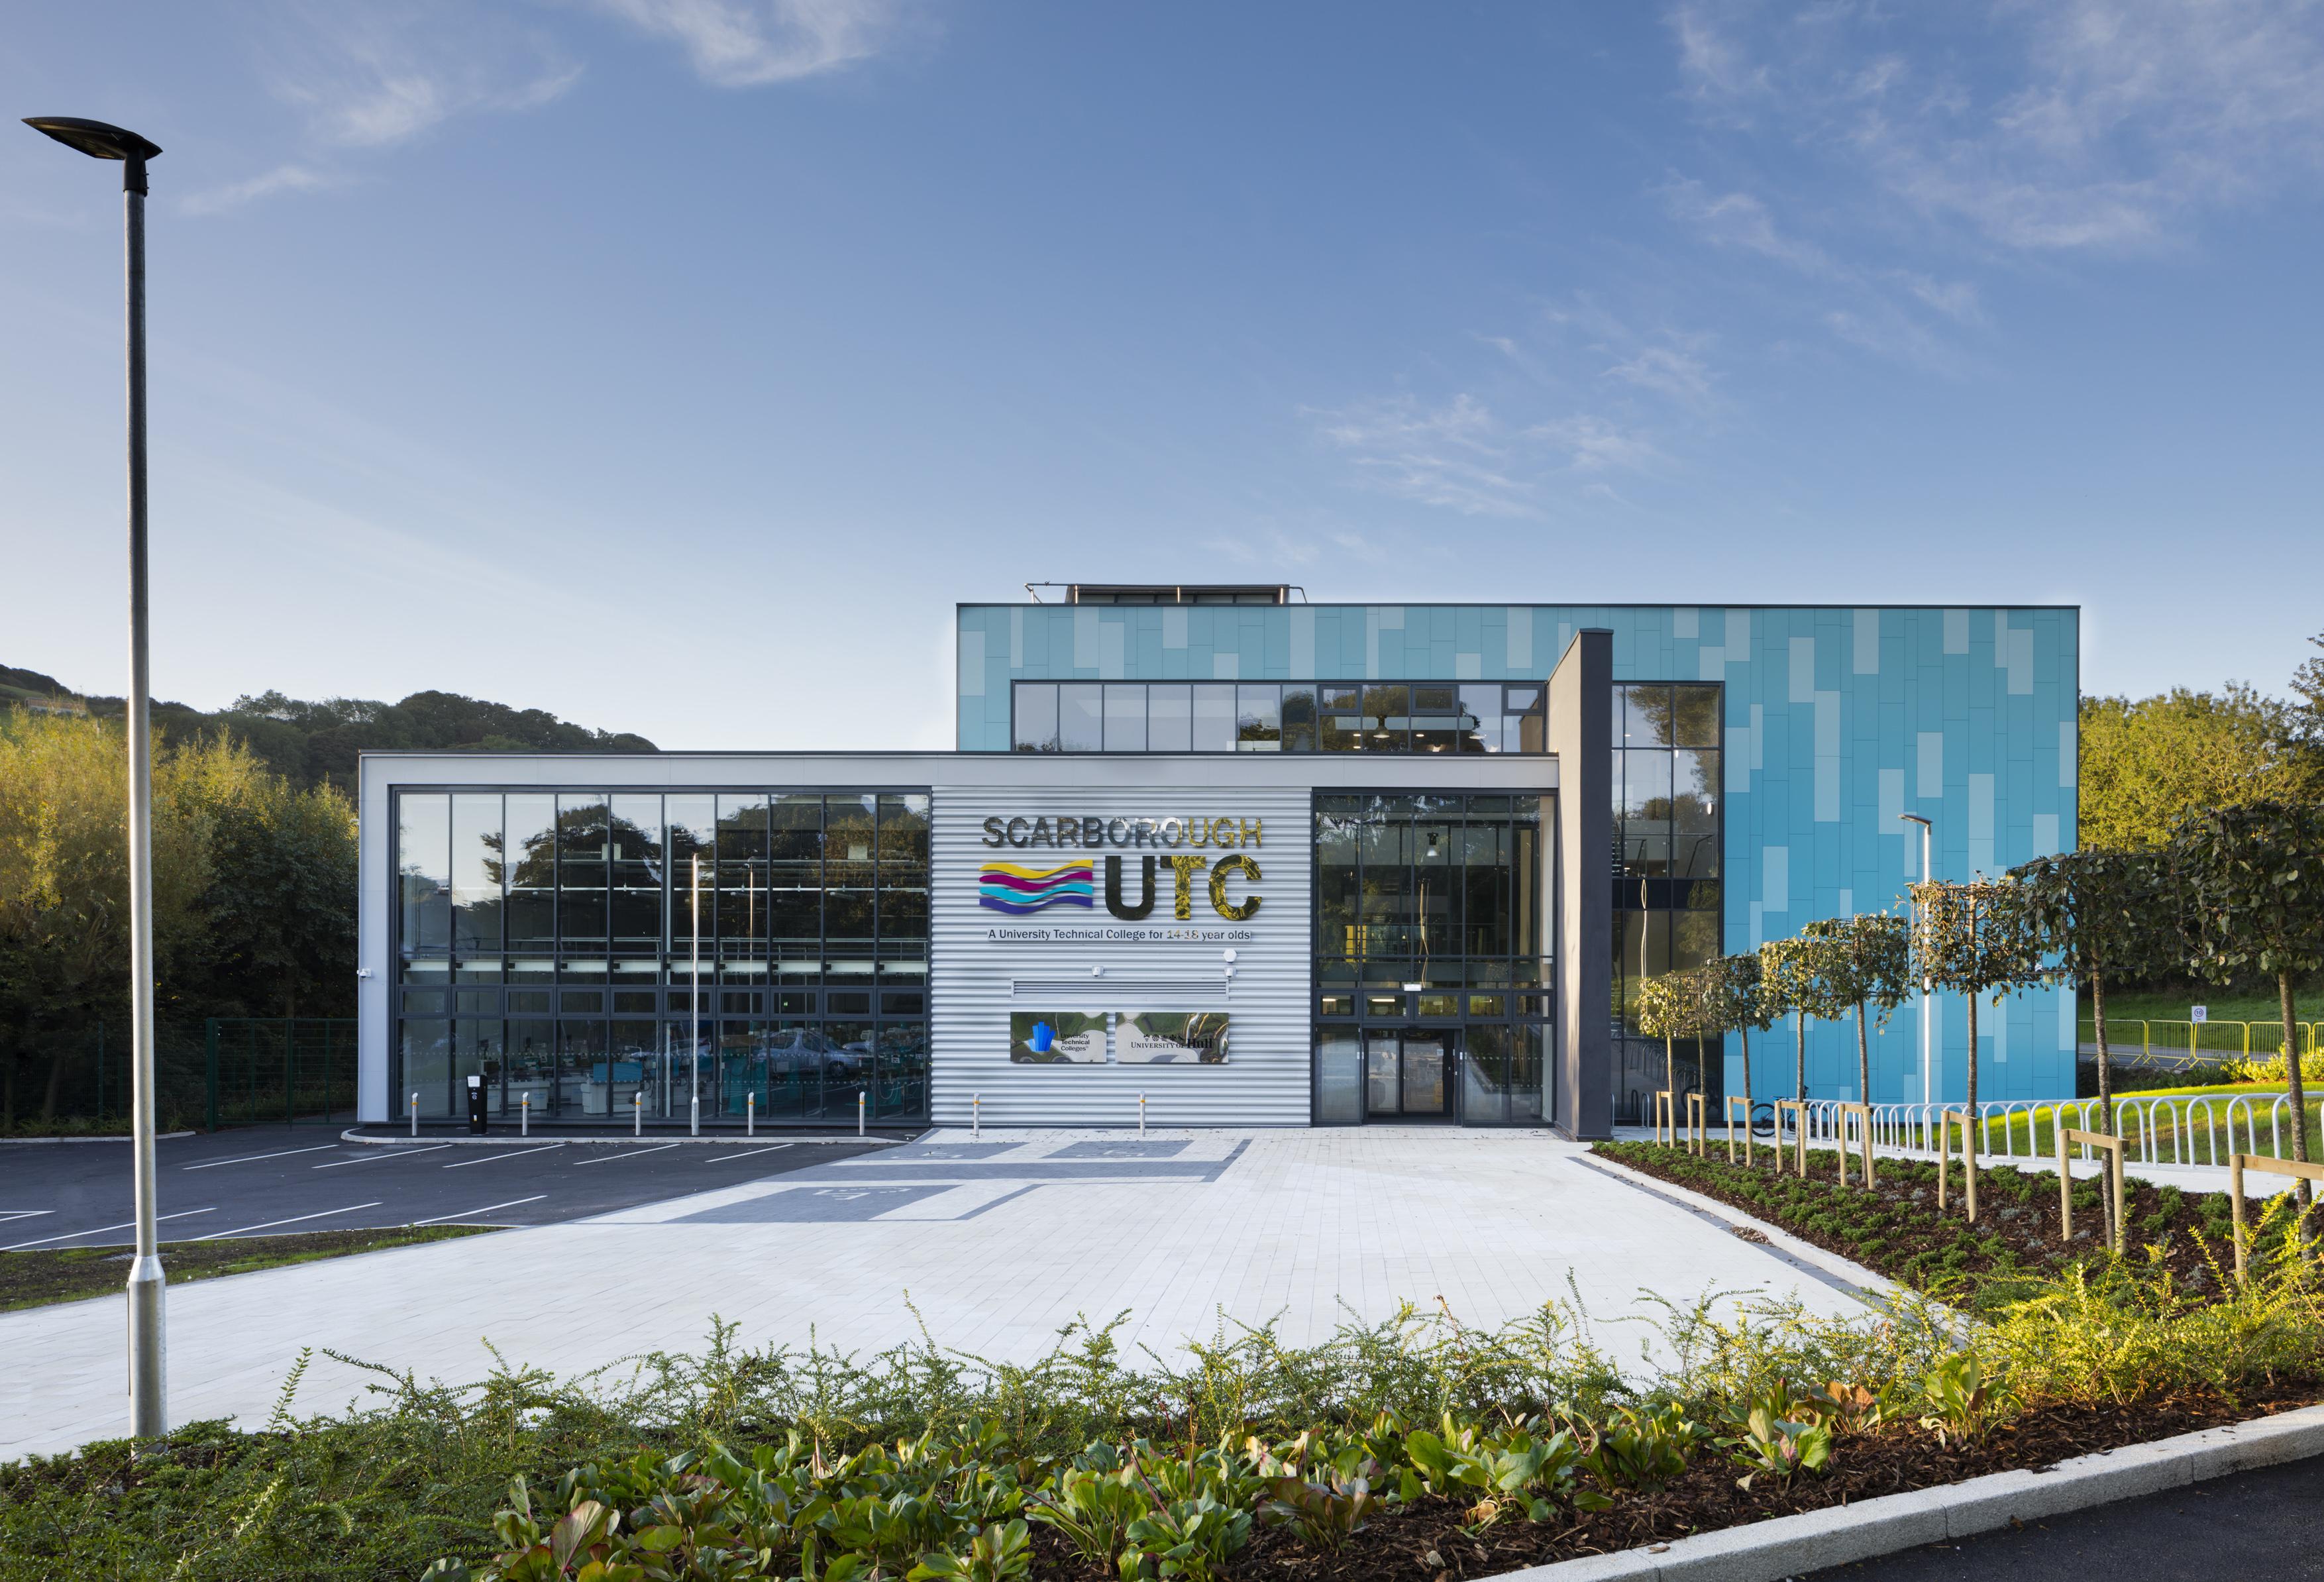 Scarborough UTC - Tes Jobs